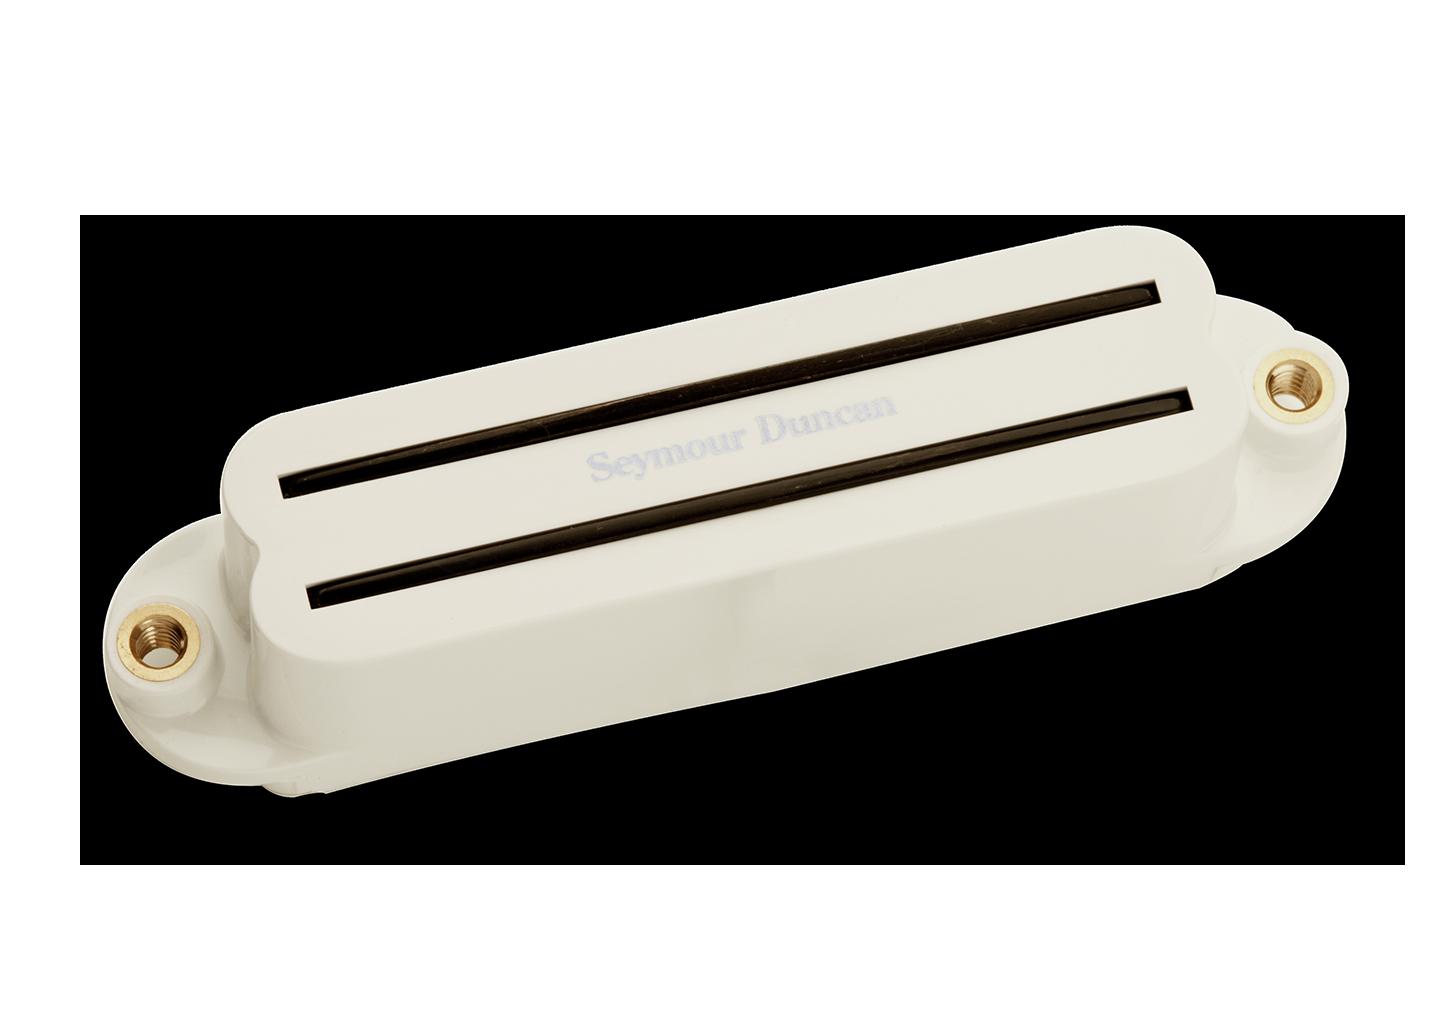 Seymour Duncan Hot Rails Strat SHR-1N - Neck Parchment